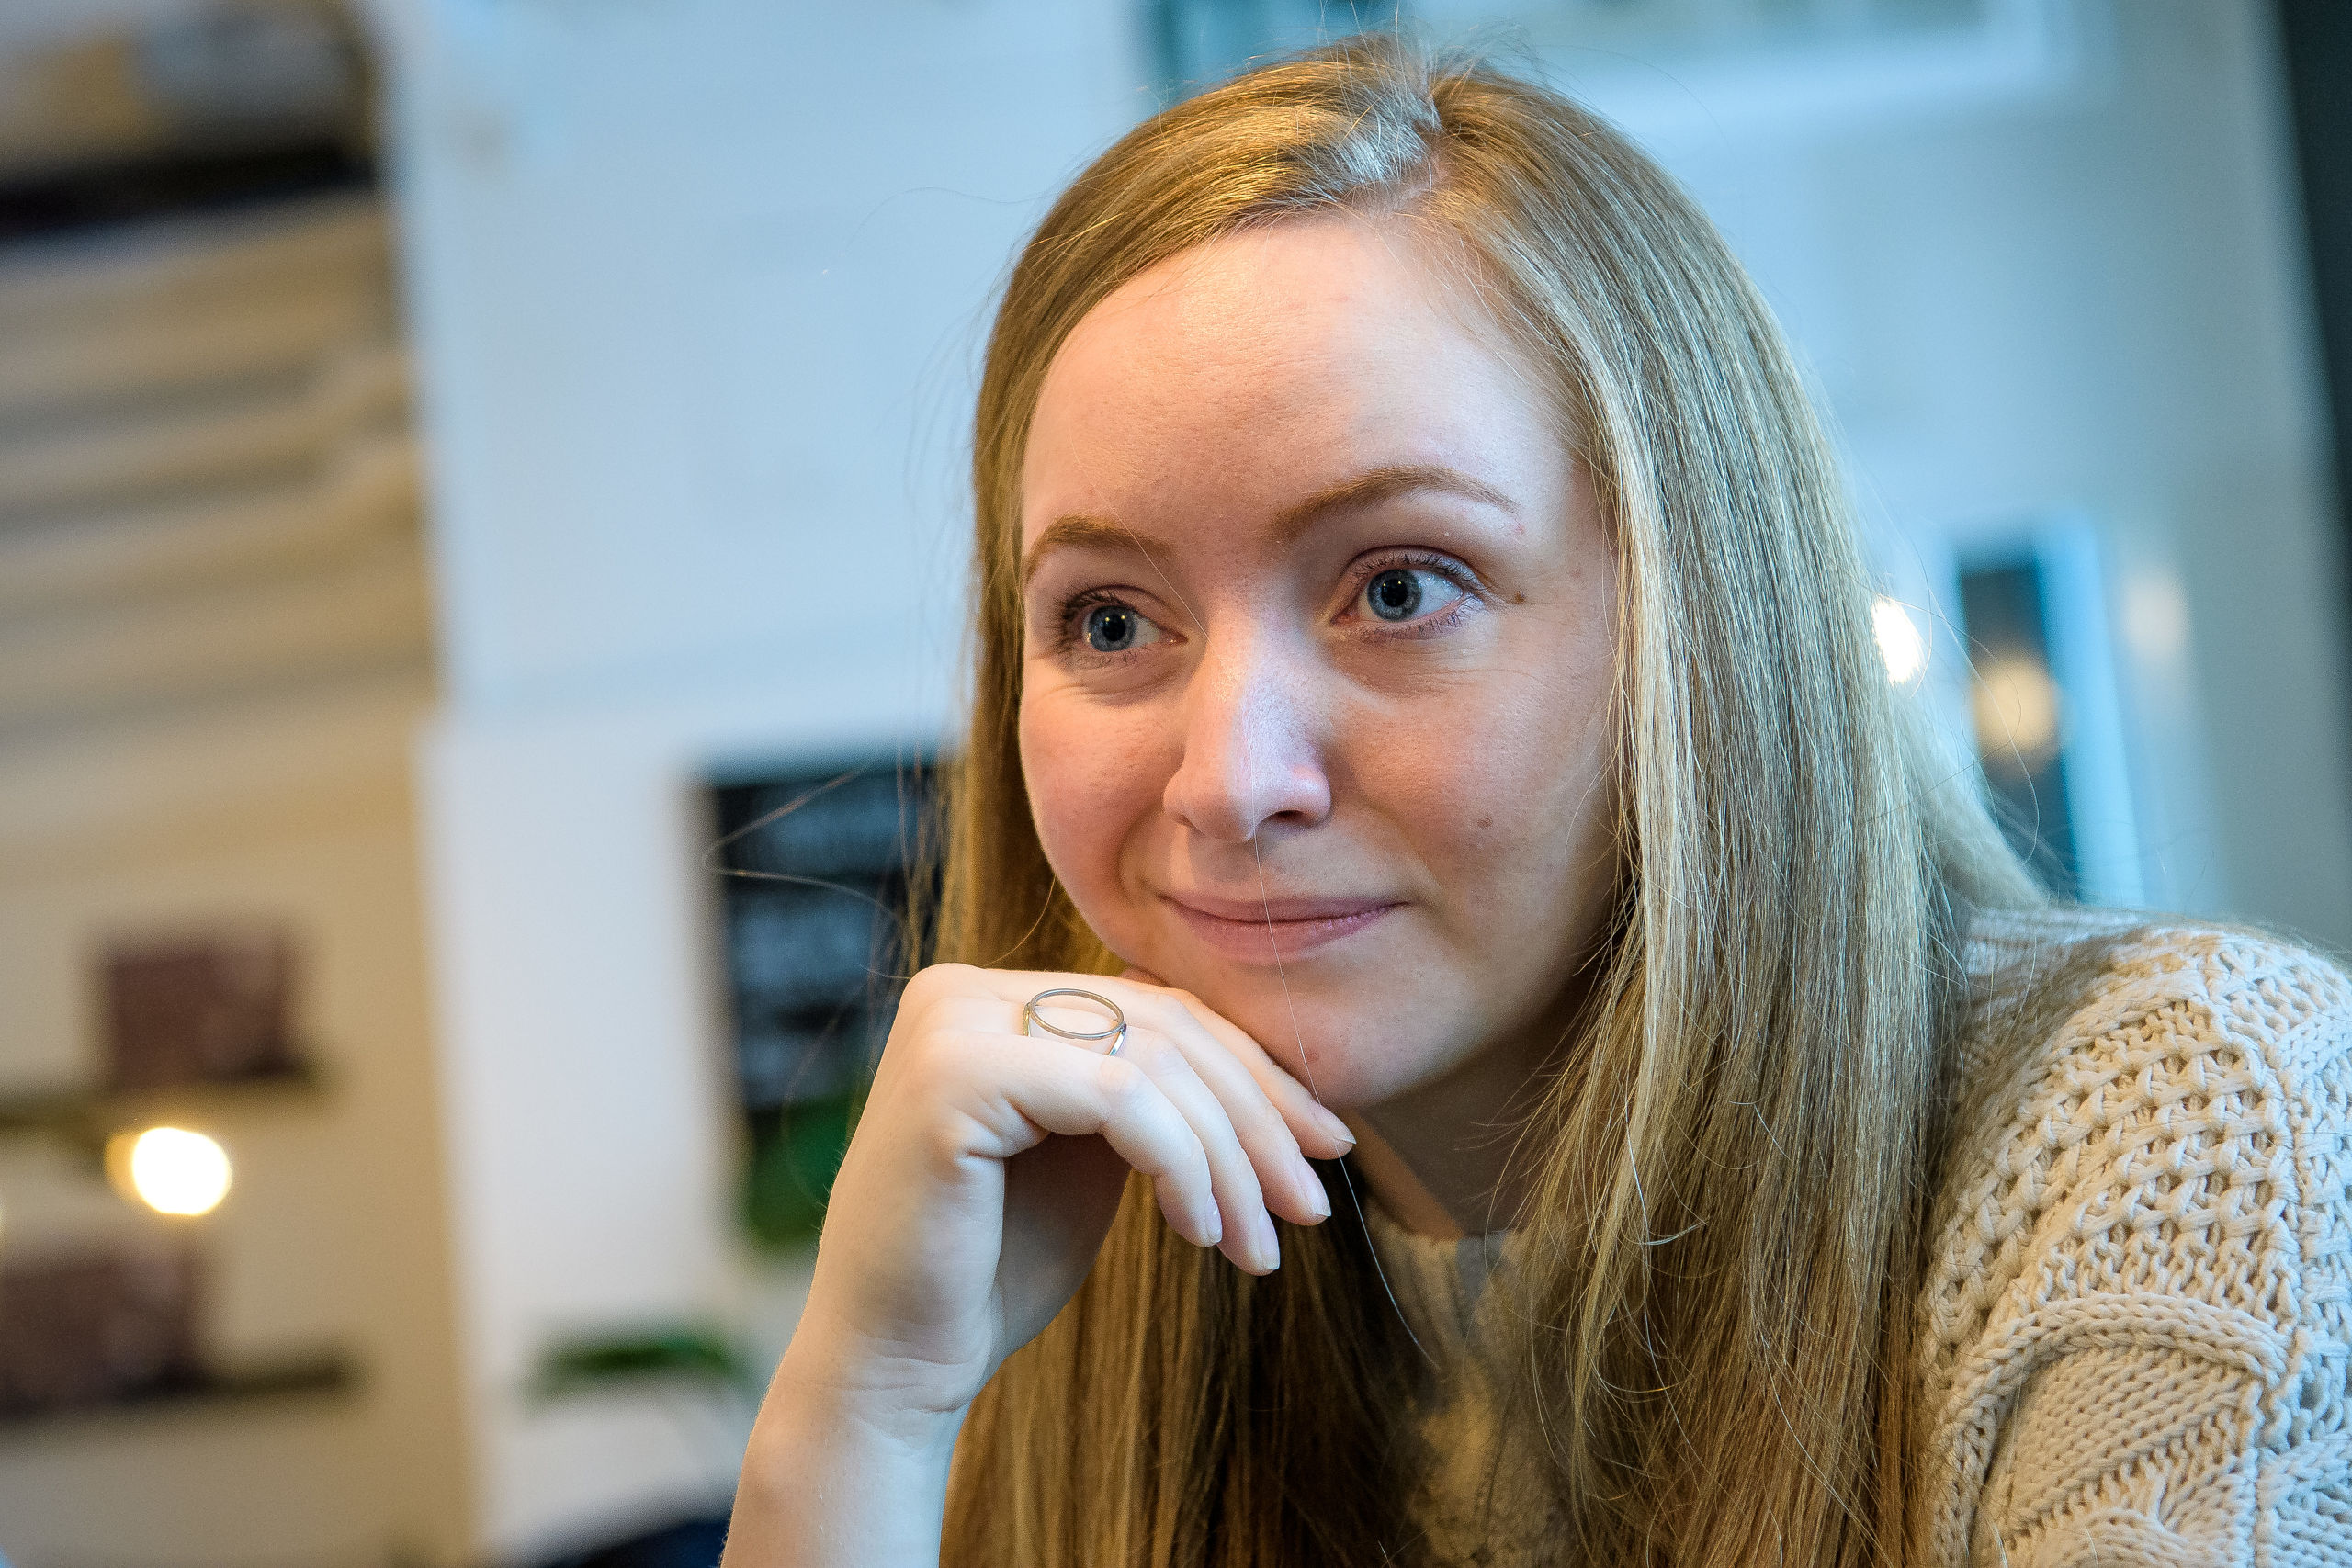 Clarissa Johansen er snart færdig som lærer, og hun synes, at en lektiecafé er et godt supplement til praktik. Og så giver det meget at gøre noget for andre, synes hun. Foto: Bo Lehm